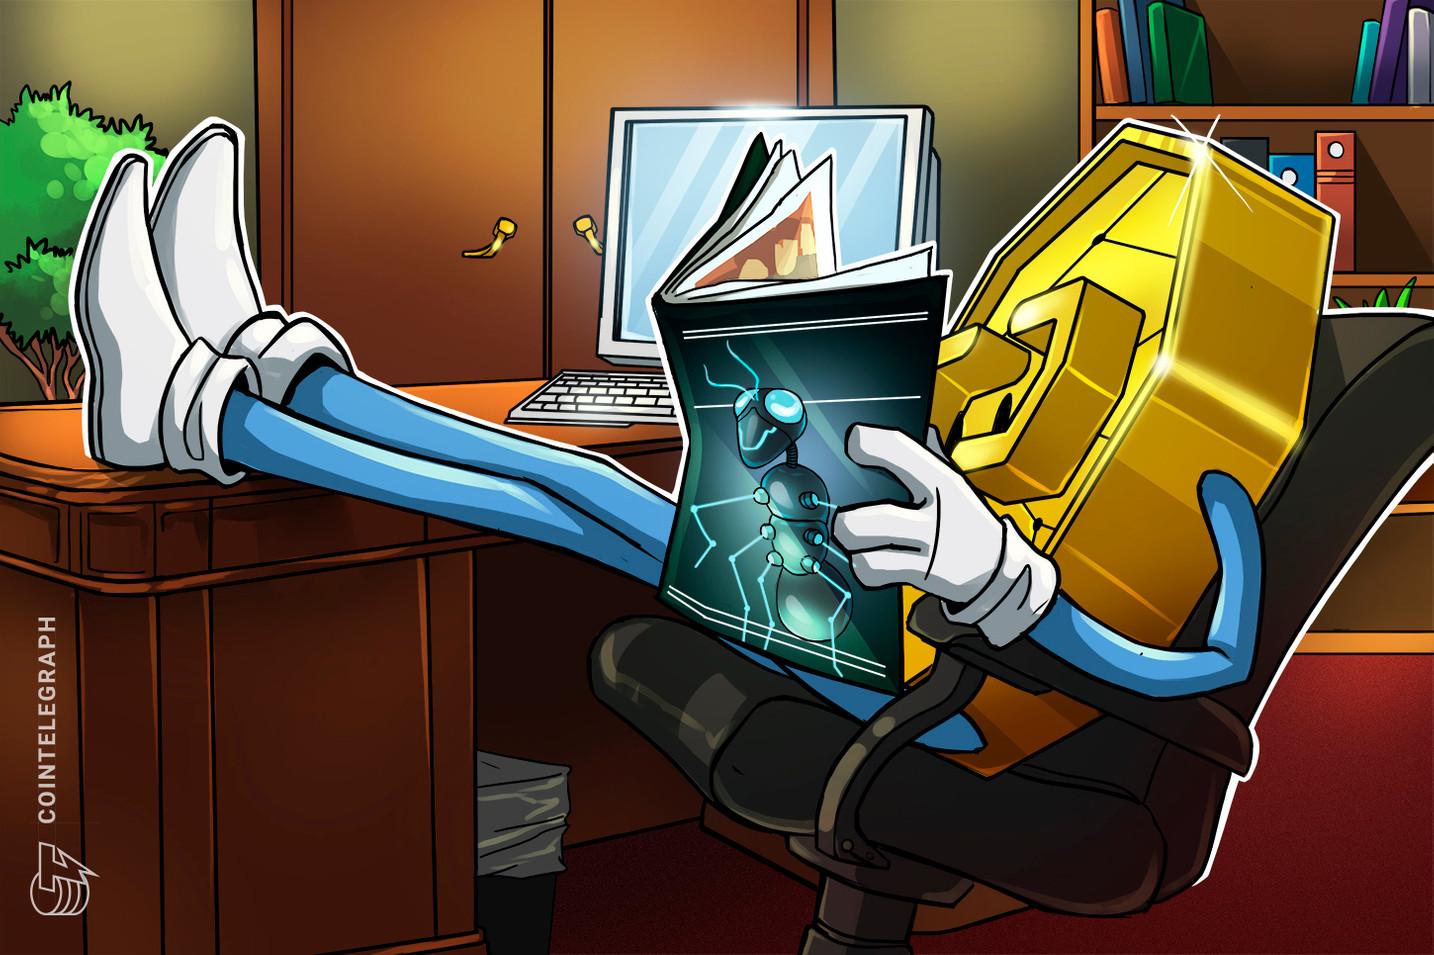 Time Magazine akzeptiert Krypto-Zahlung für digitales Abonnement